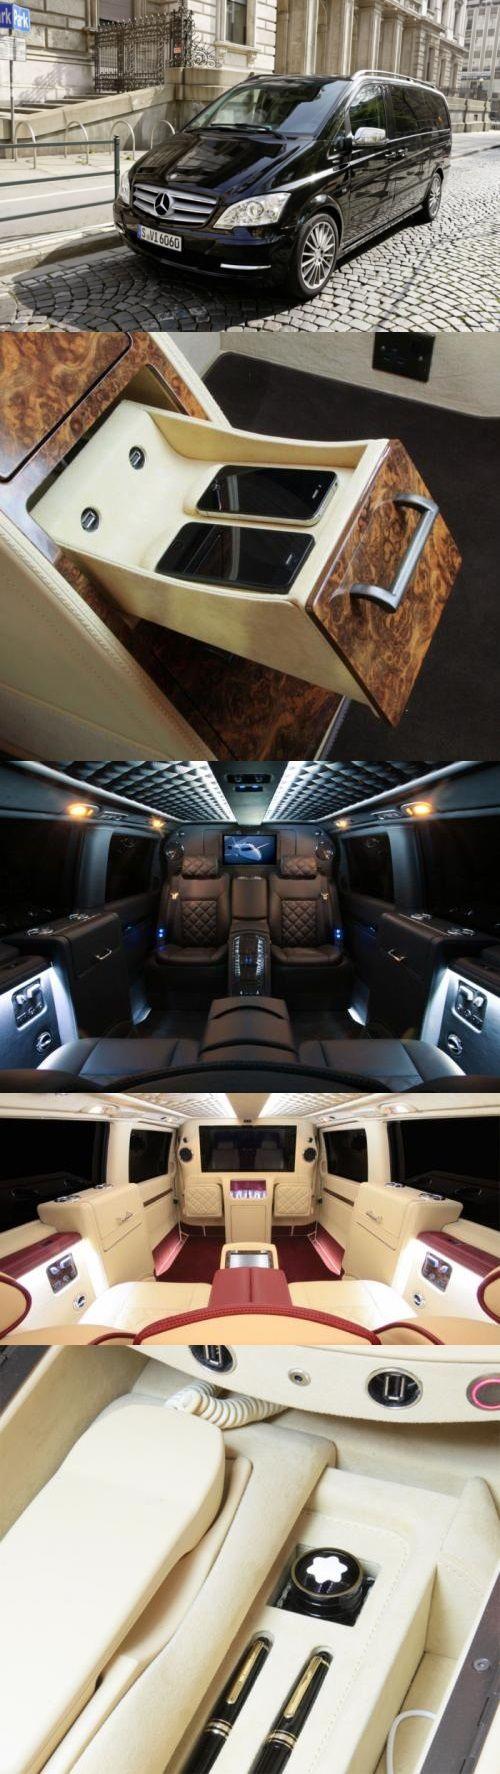 Mercedes-Benz Viano Van by Carisma Auto Design